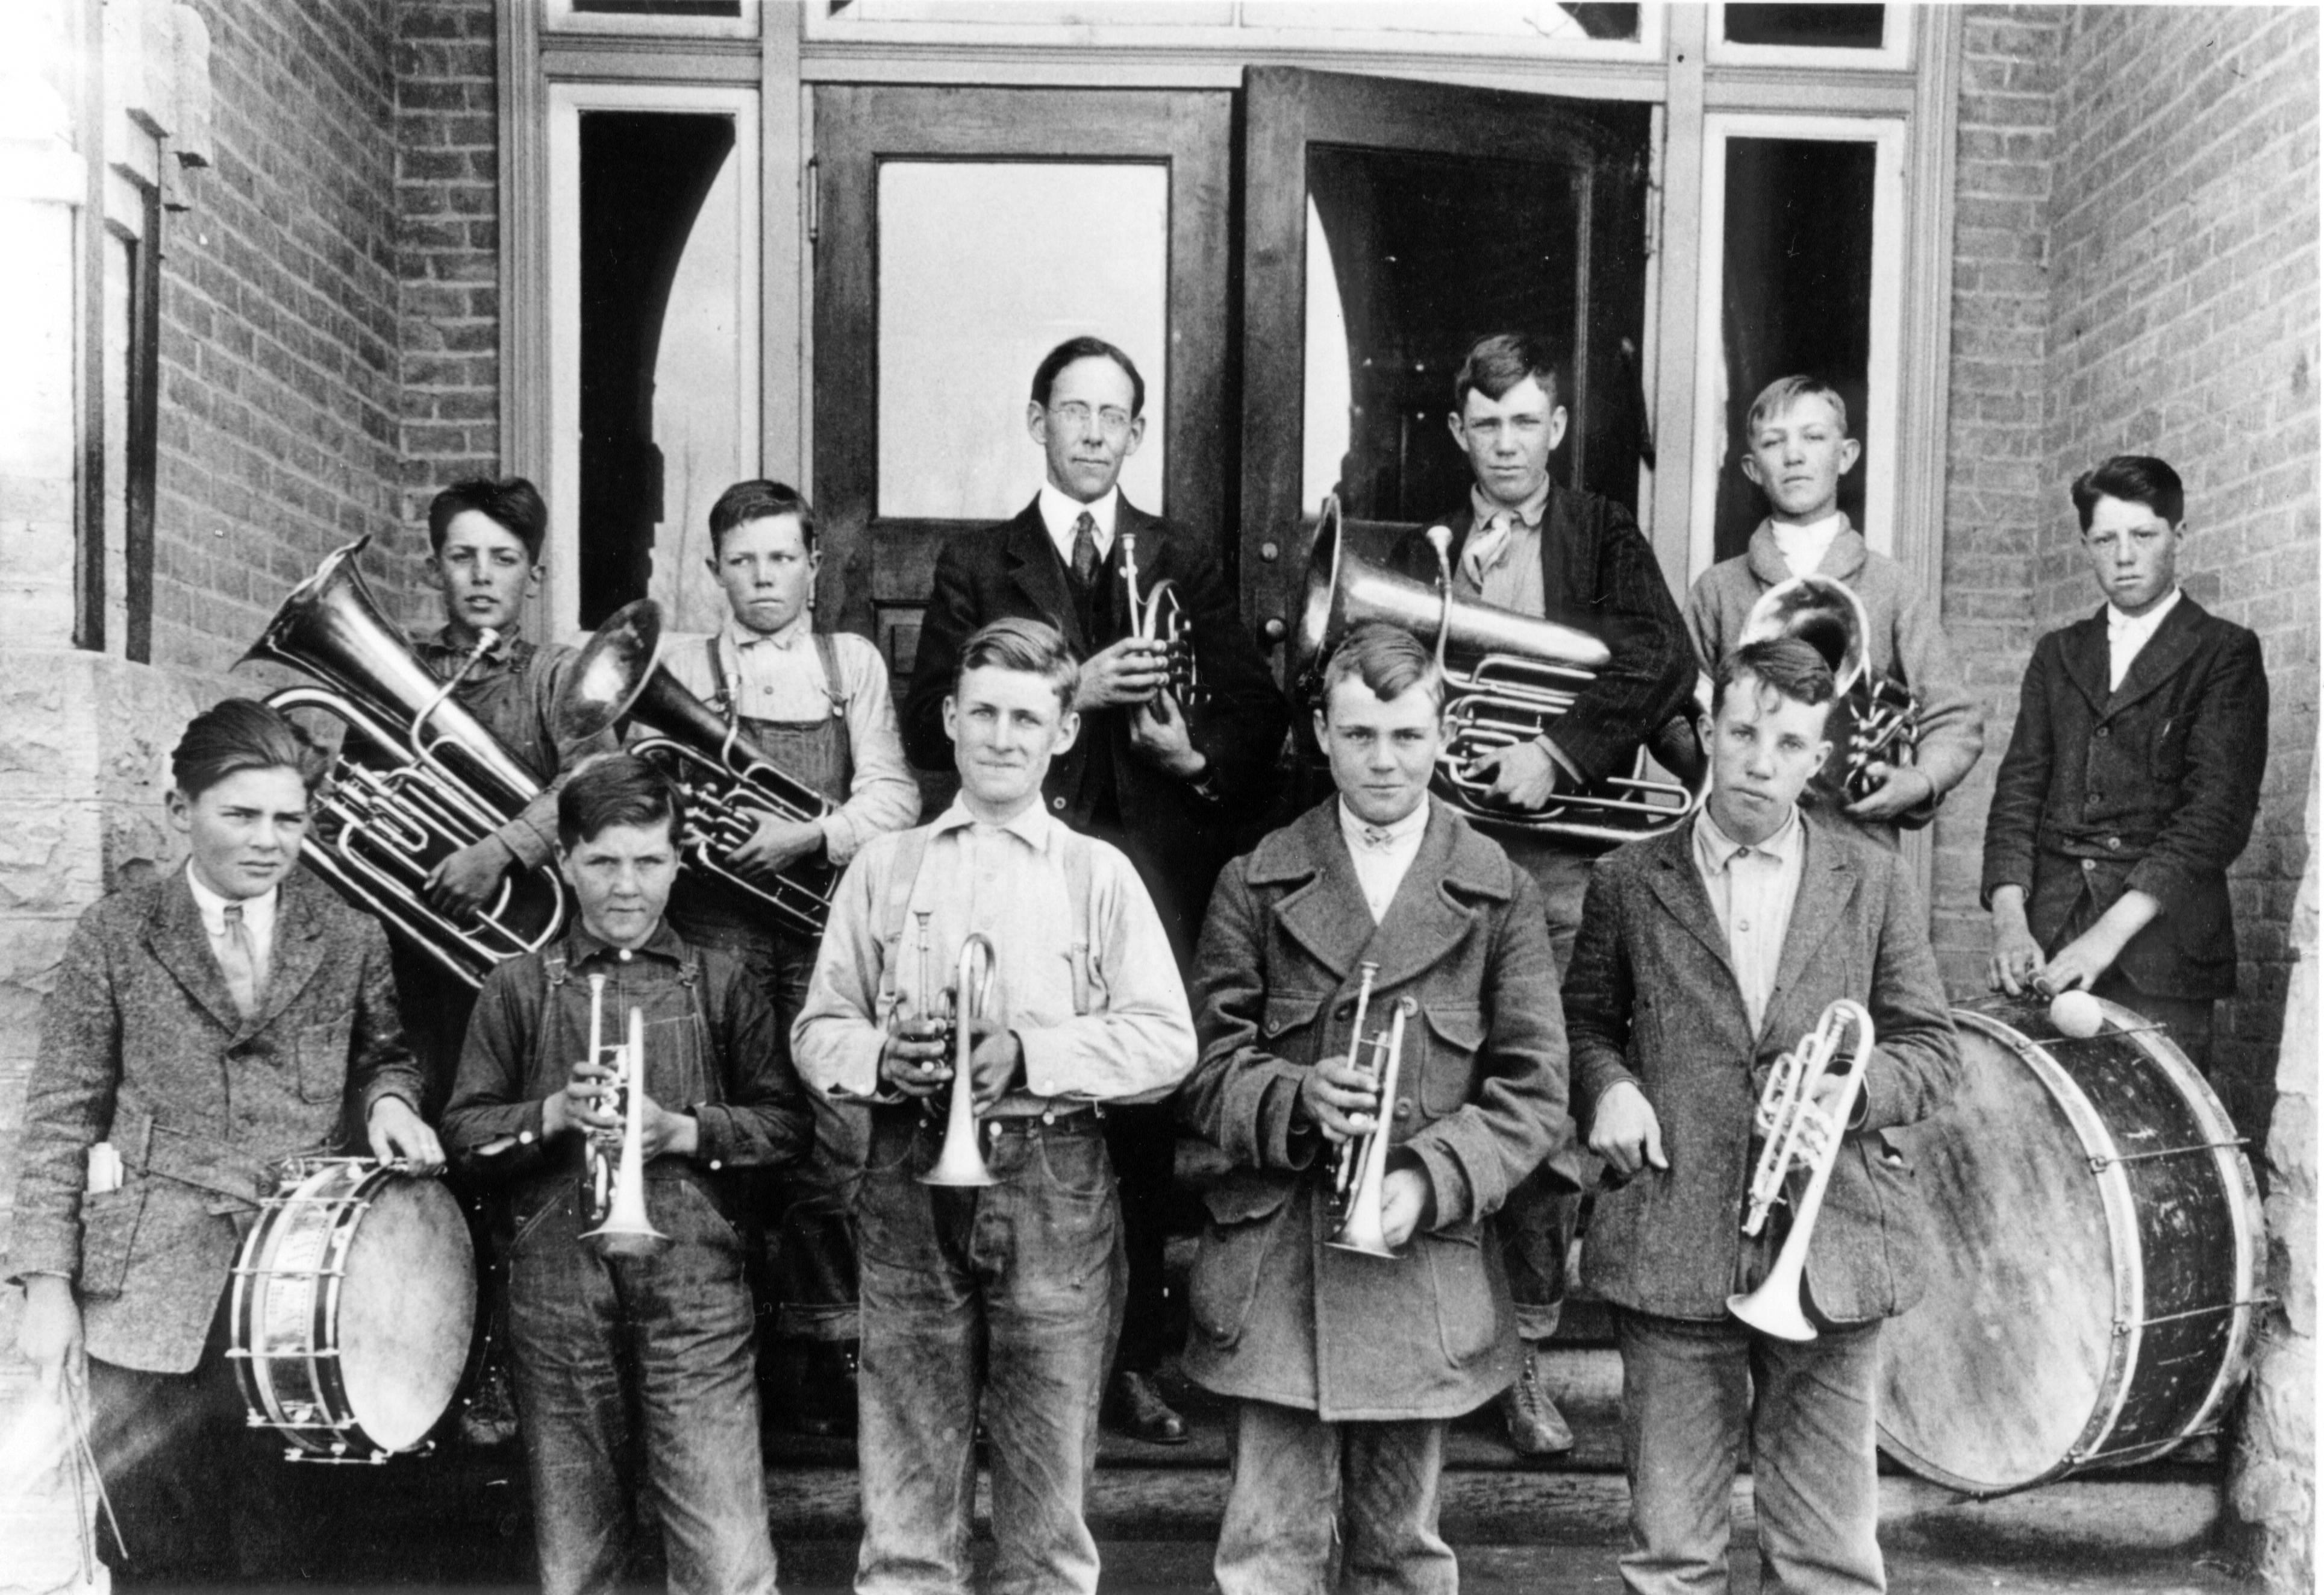 Centeral School Band Circa 1930